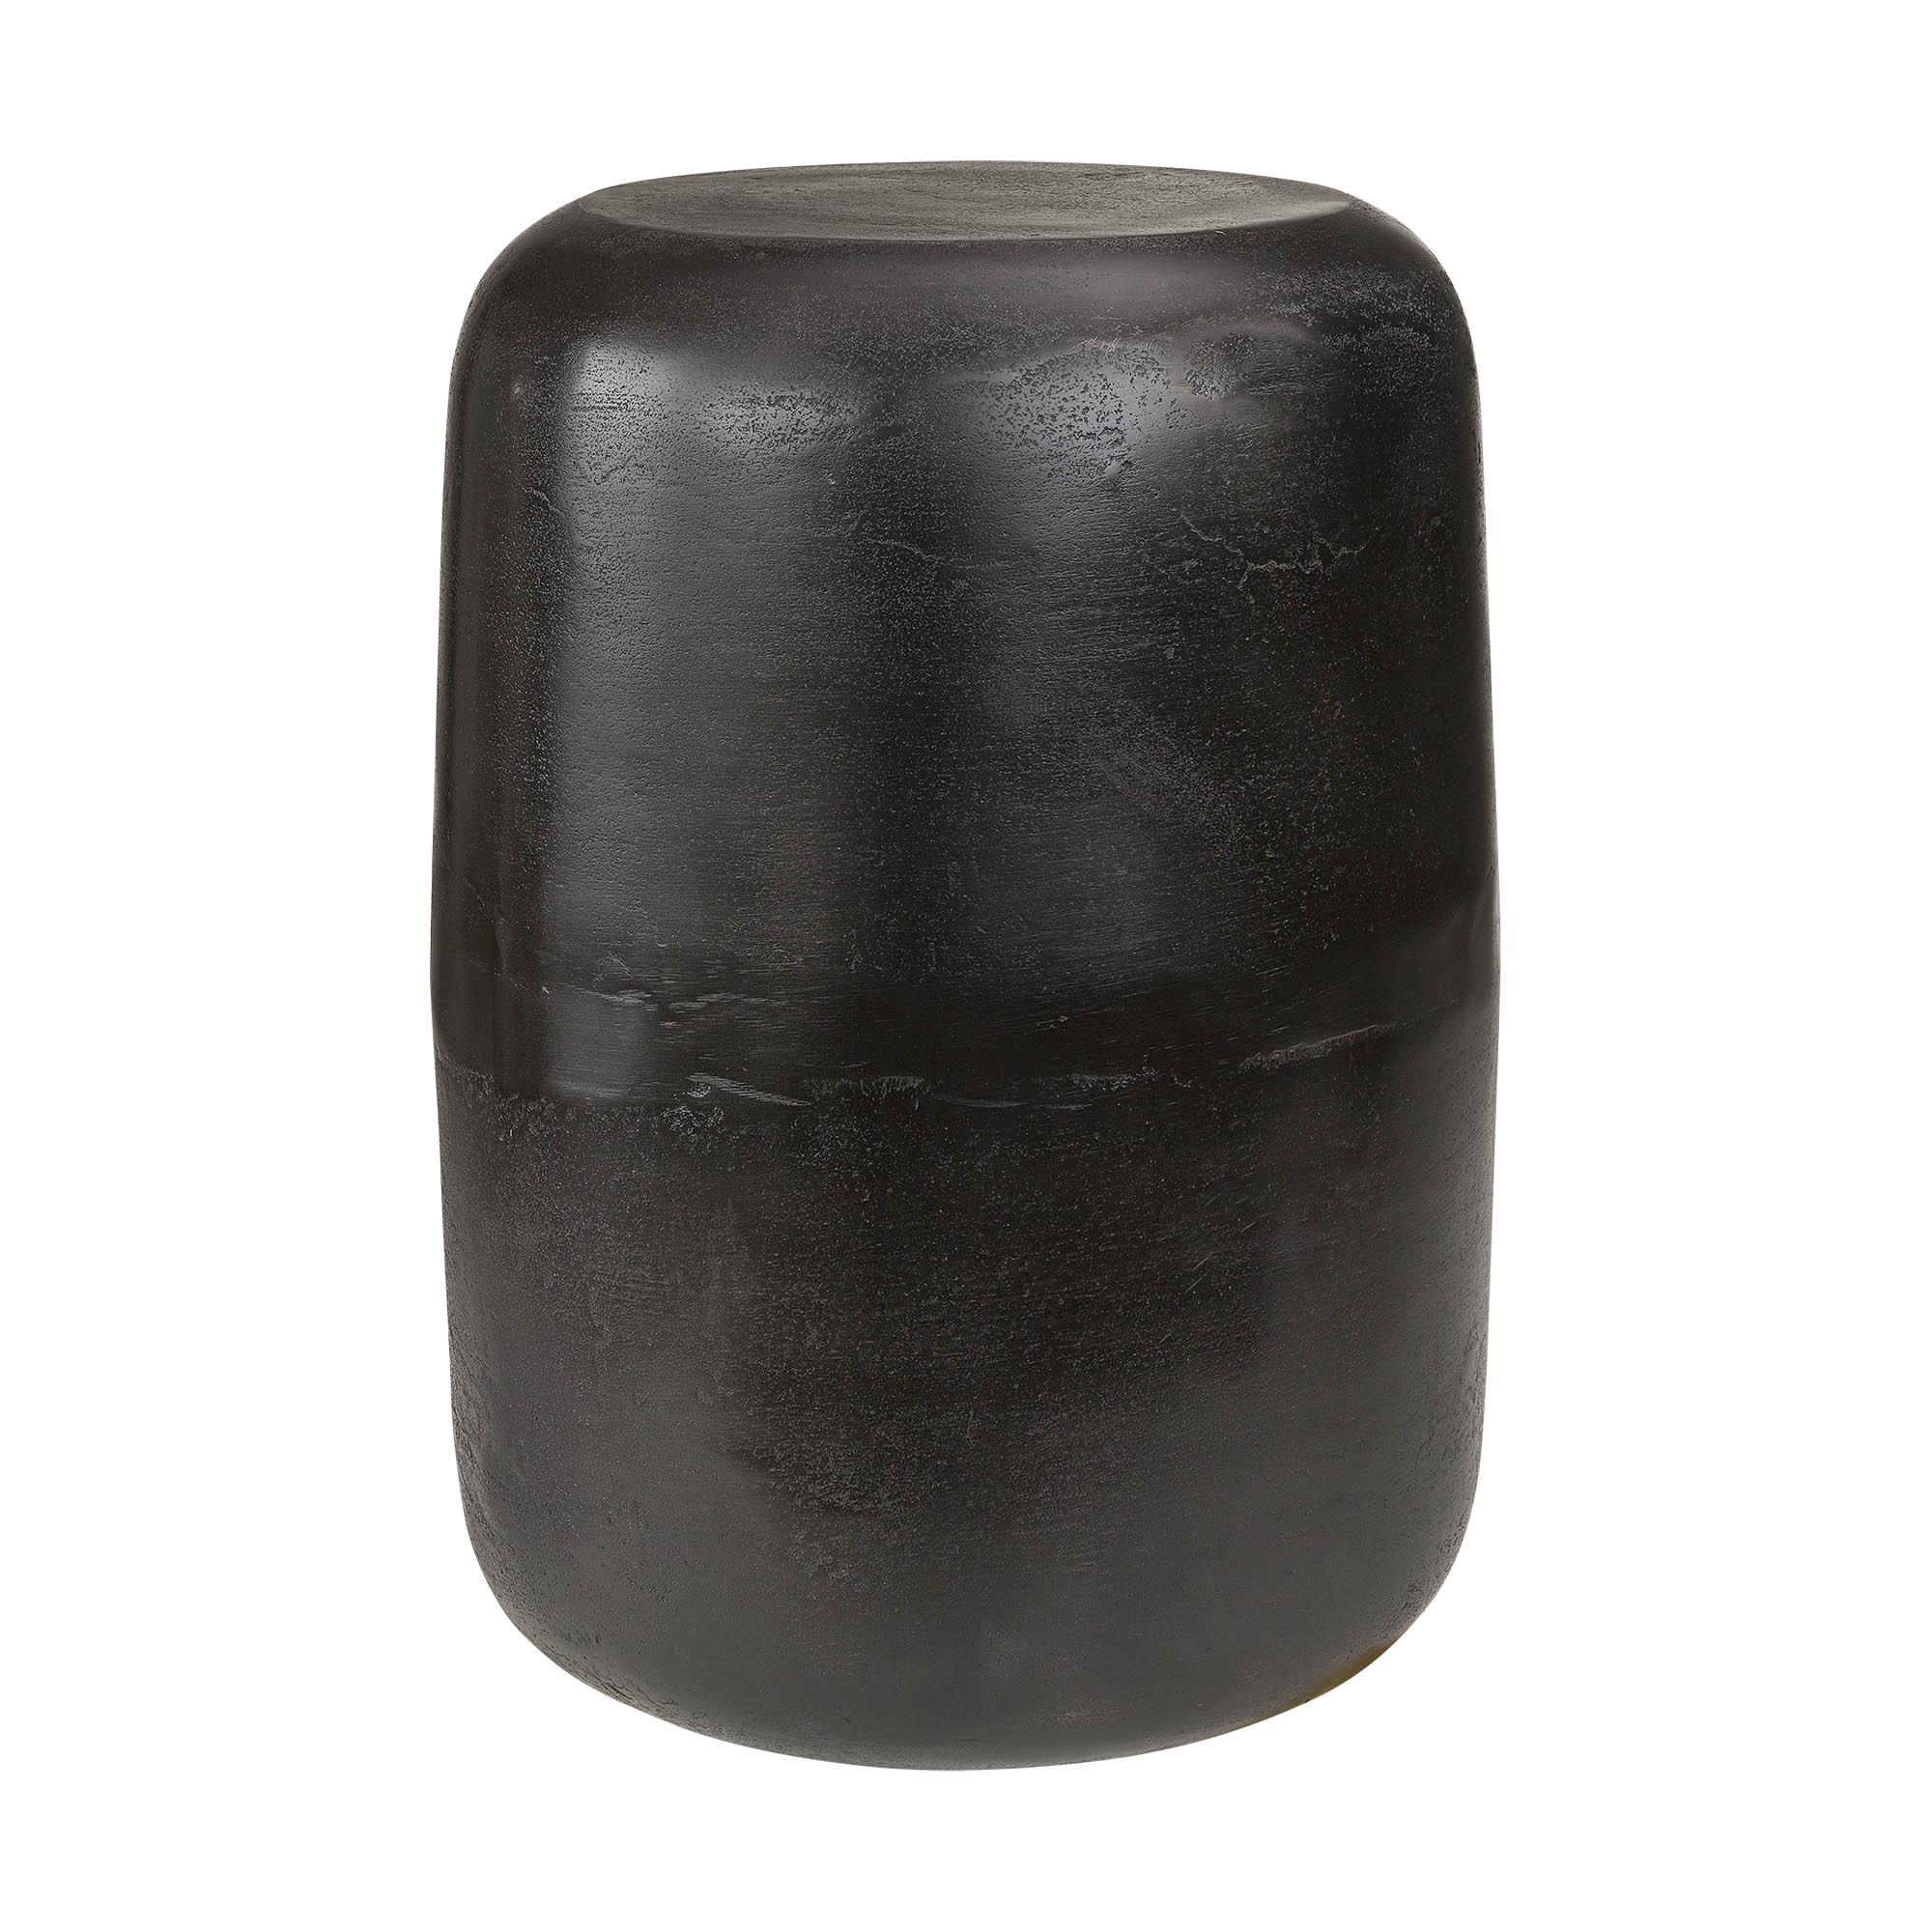 Lorenzo sidobord eller pall tillverkat i svart aluminium från leverantören Artwood.